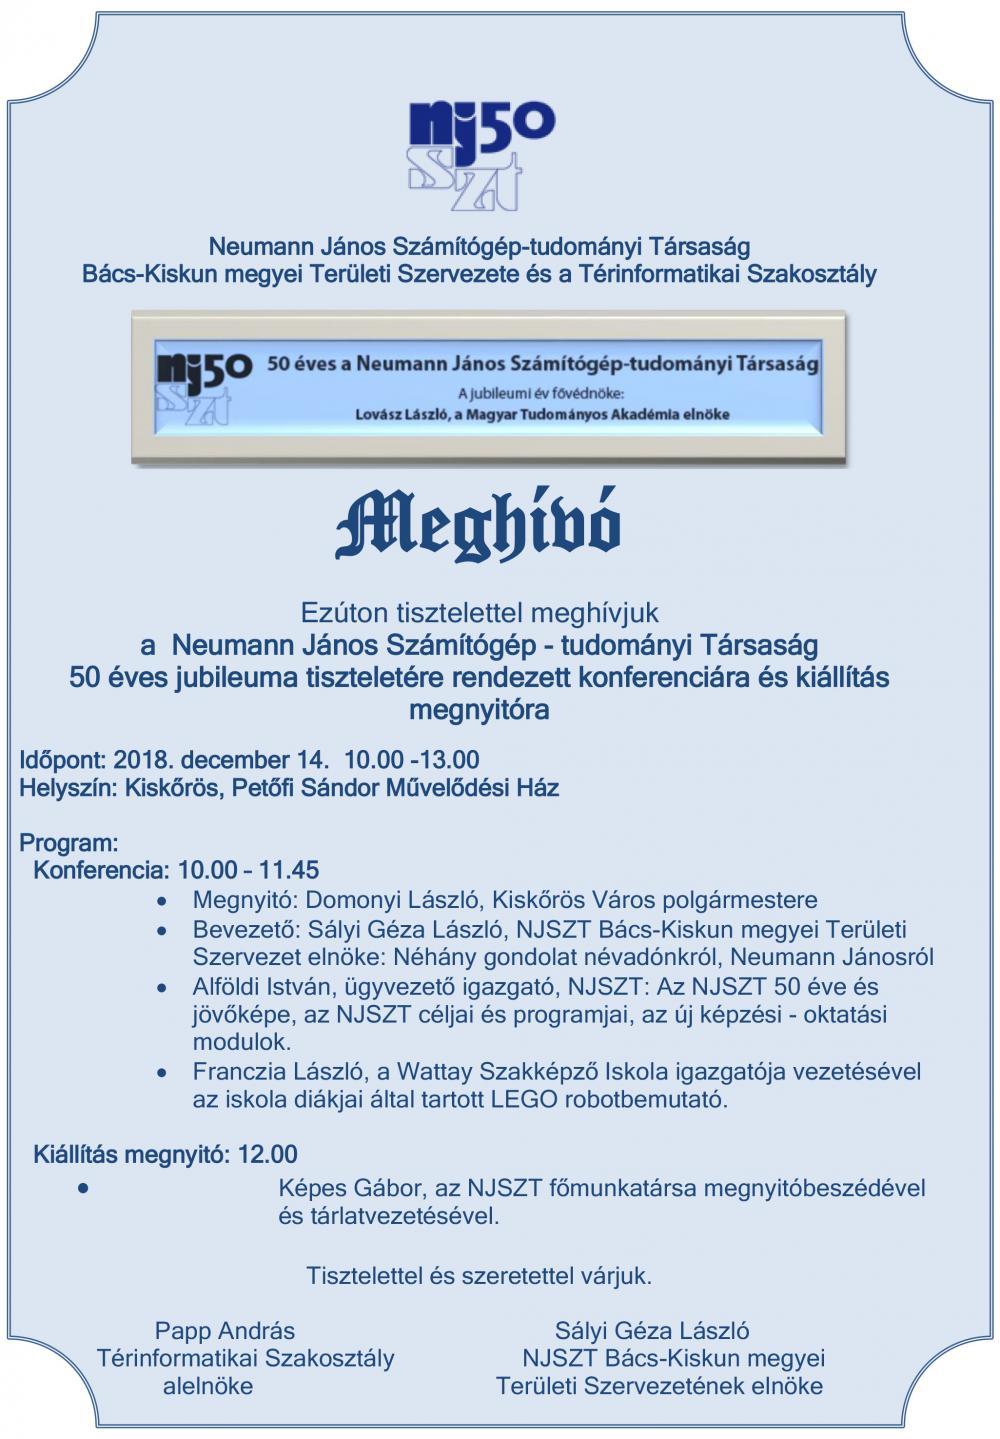 Neumann János Számítógép - tudományi Társaság 50 éves jubileumi konferencia és kiállítás